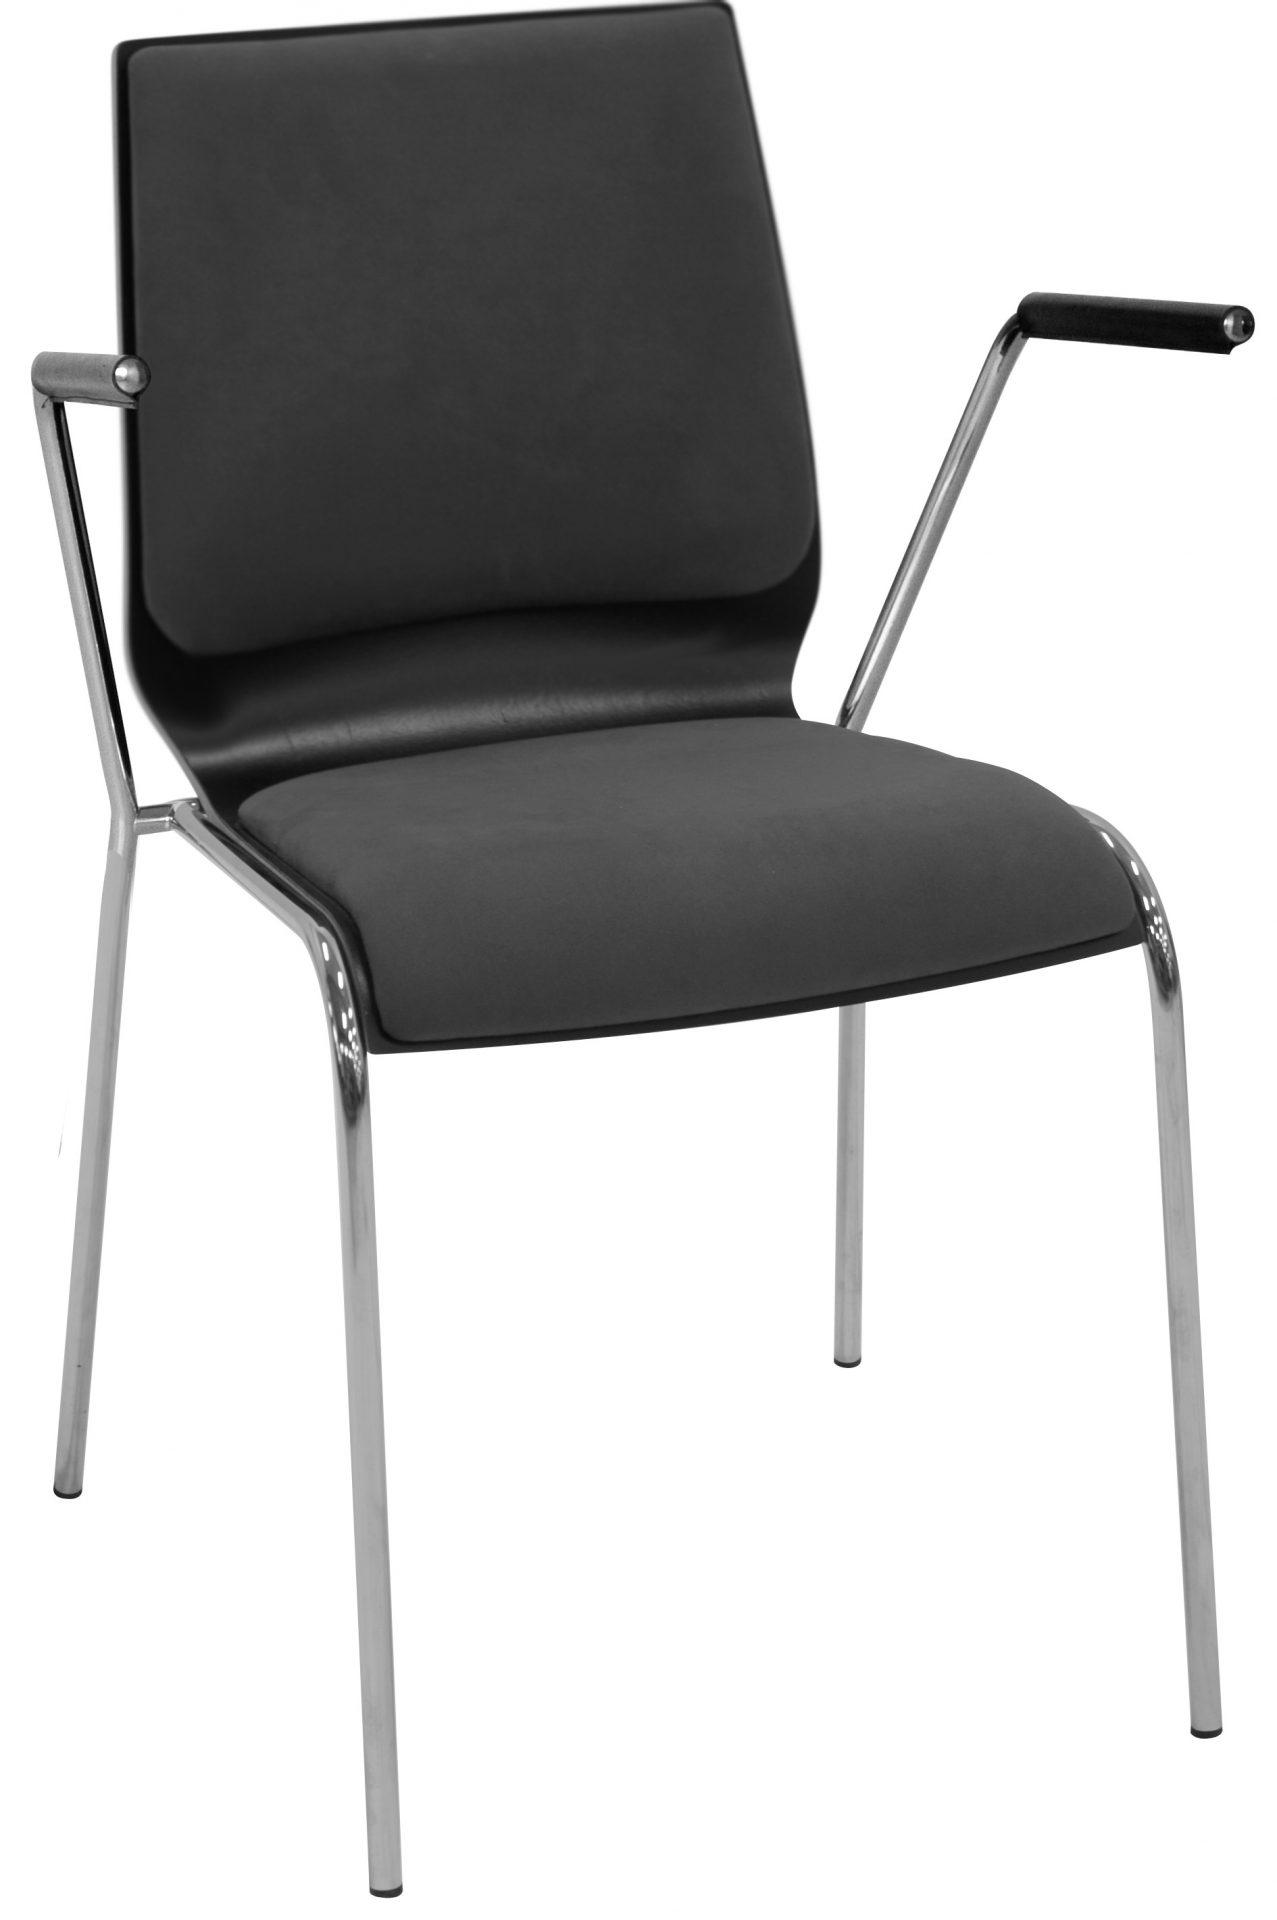 Spela stol brikpolstret sæde og ryg